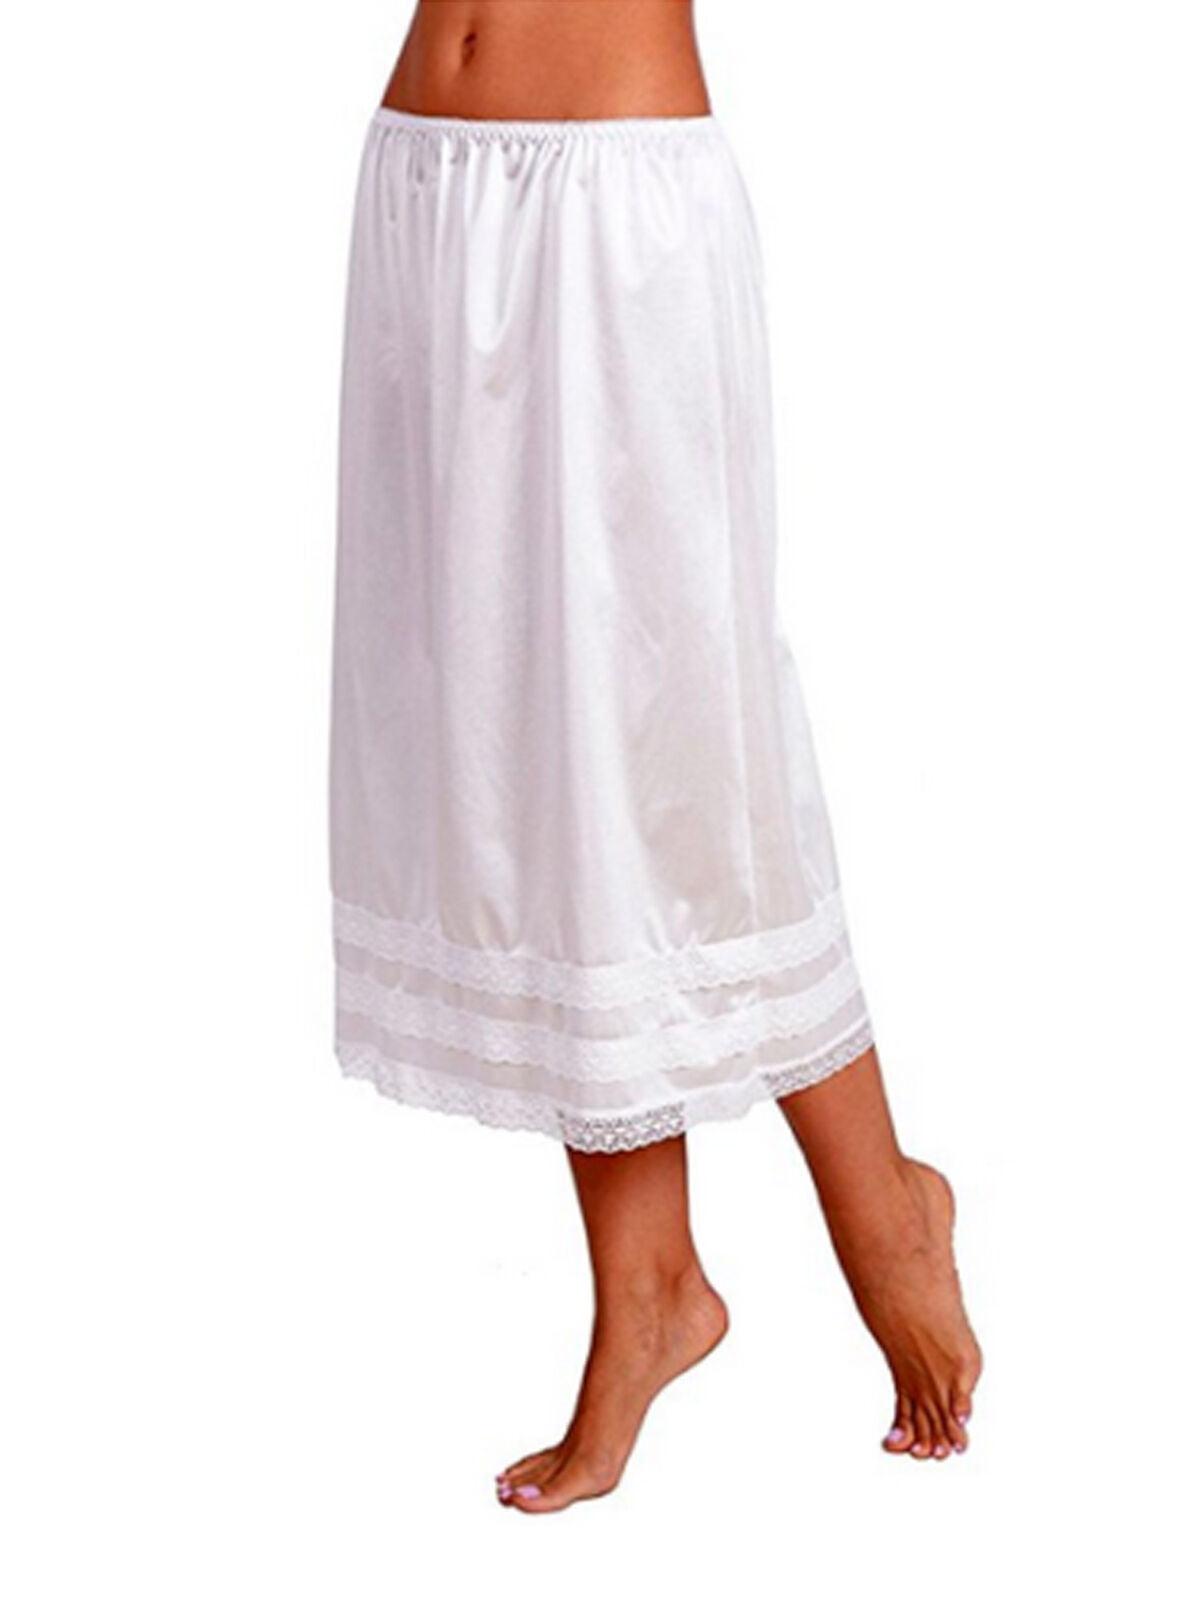 Ladies womens chemise underskirt petticoat nightie satin silk white 8-24 new